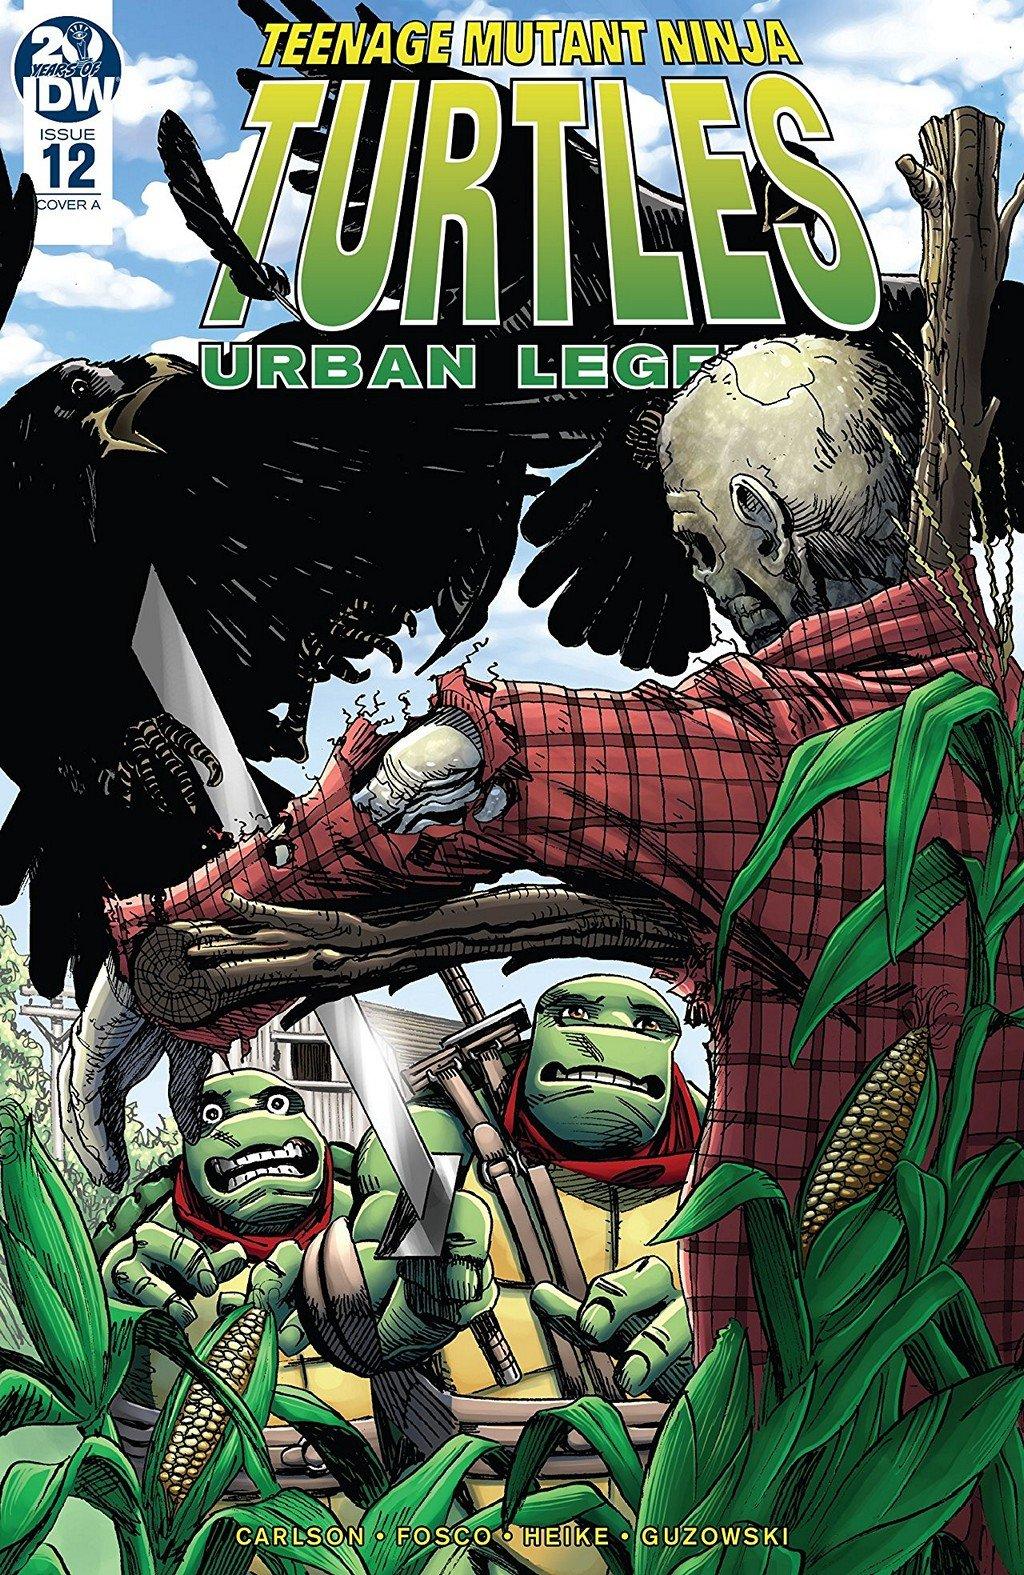 Teenage Mutant Ninja Turtles – Urban Legends #12 (2019)